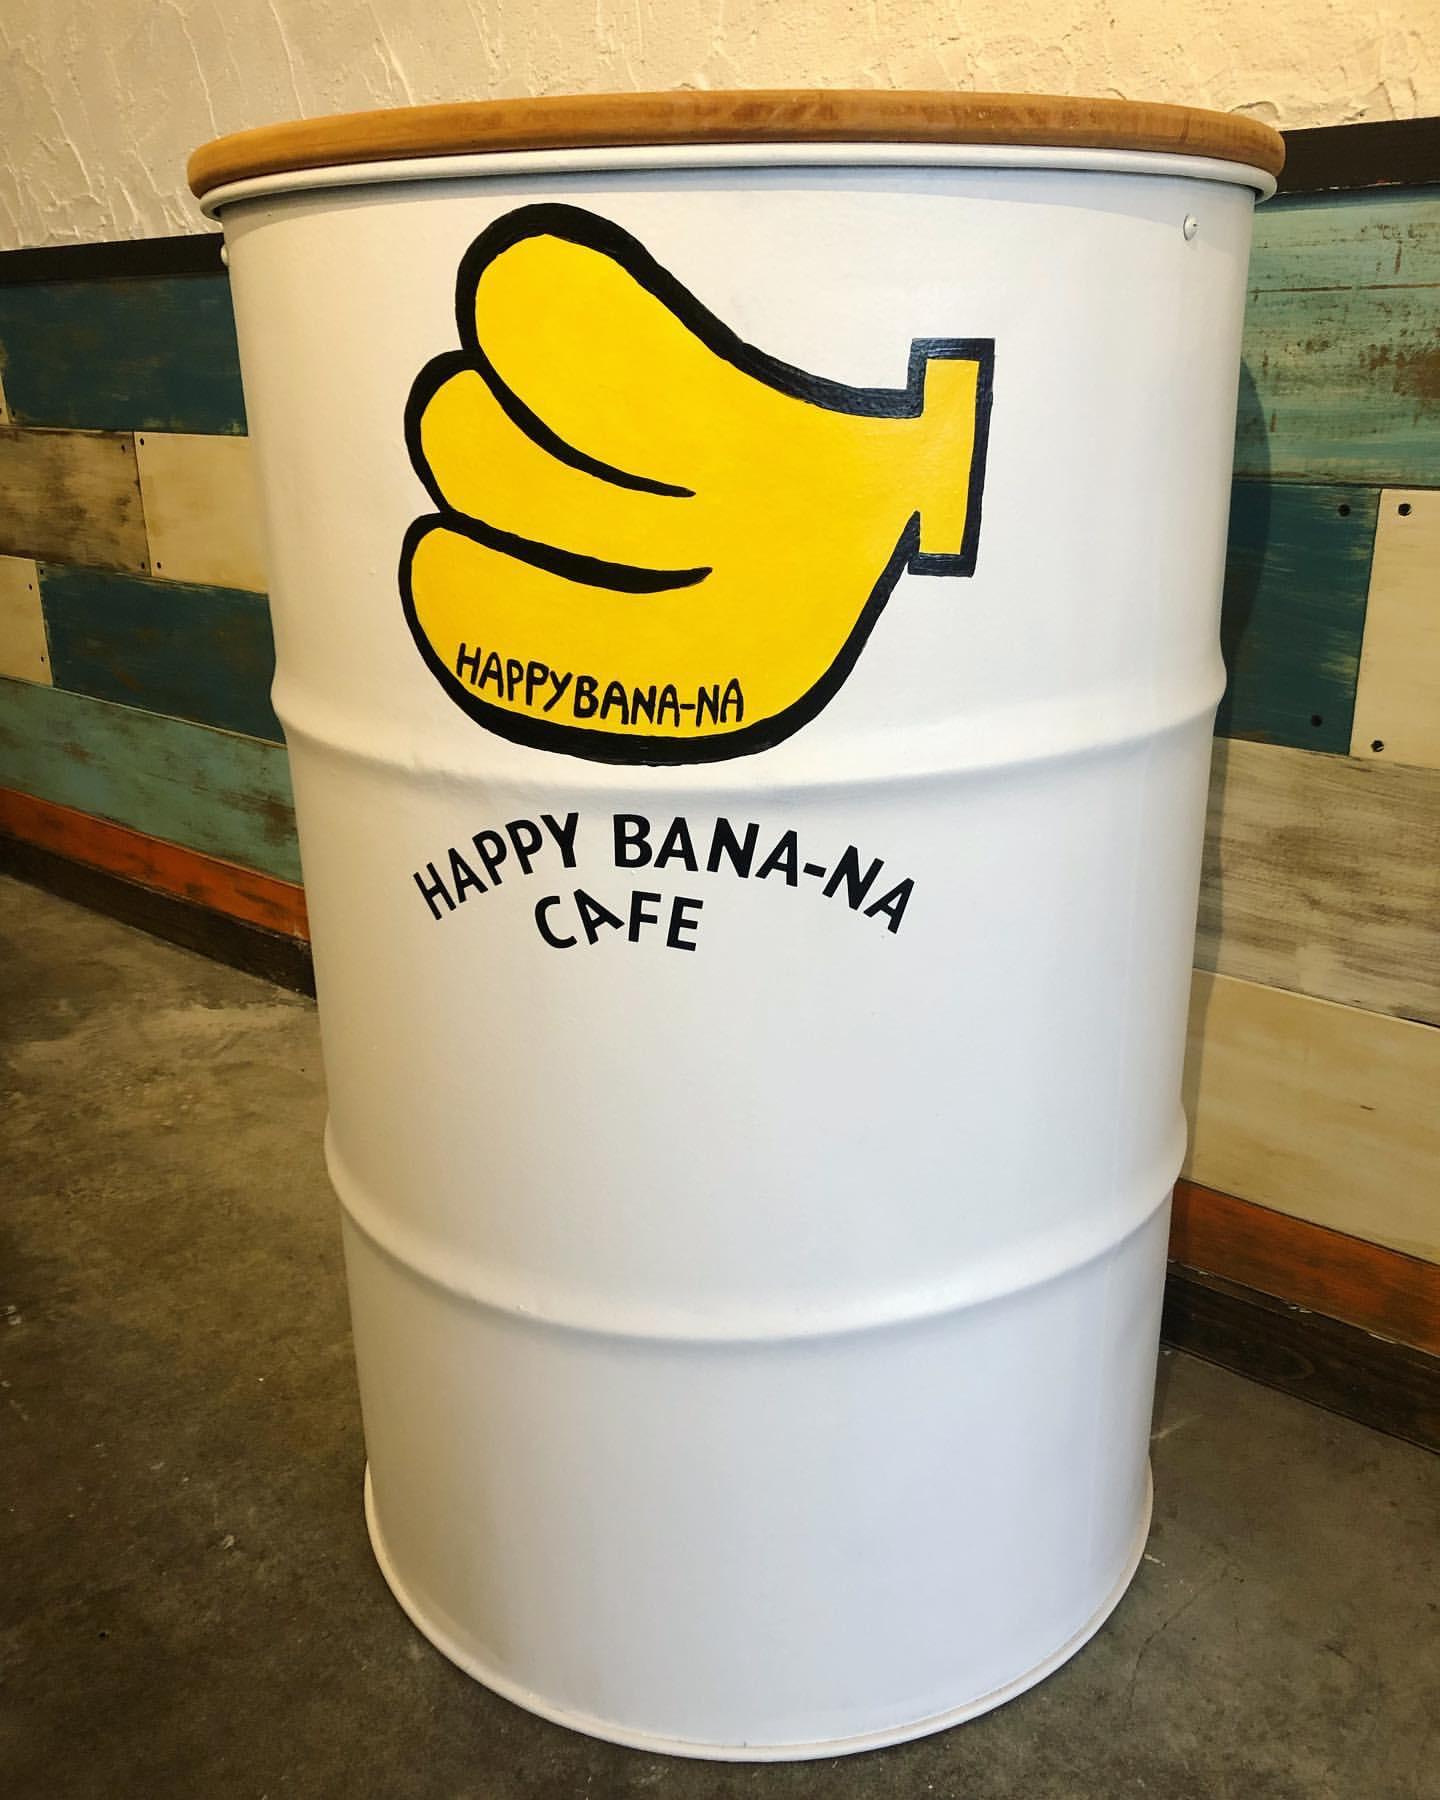 ハッピー バナナにあったバナナが描かれたドラム缶